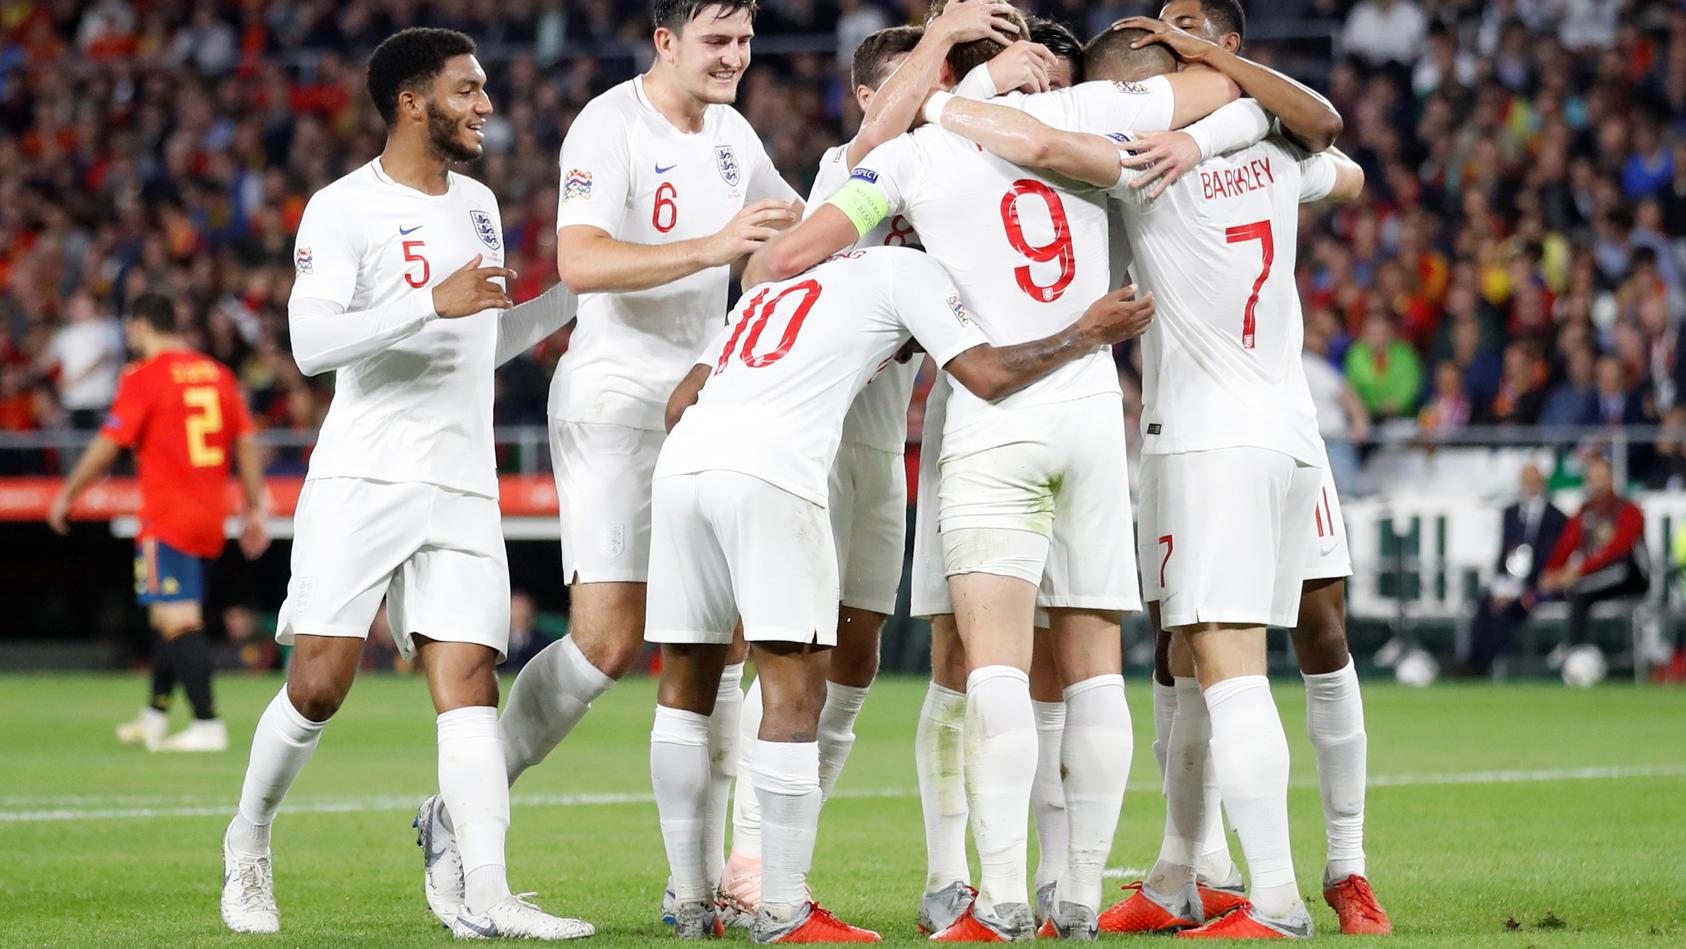 Starkes Team: Die Engländer überraschten Favorit Spanien mit einer geschlossenen Mannschaftsleistung